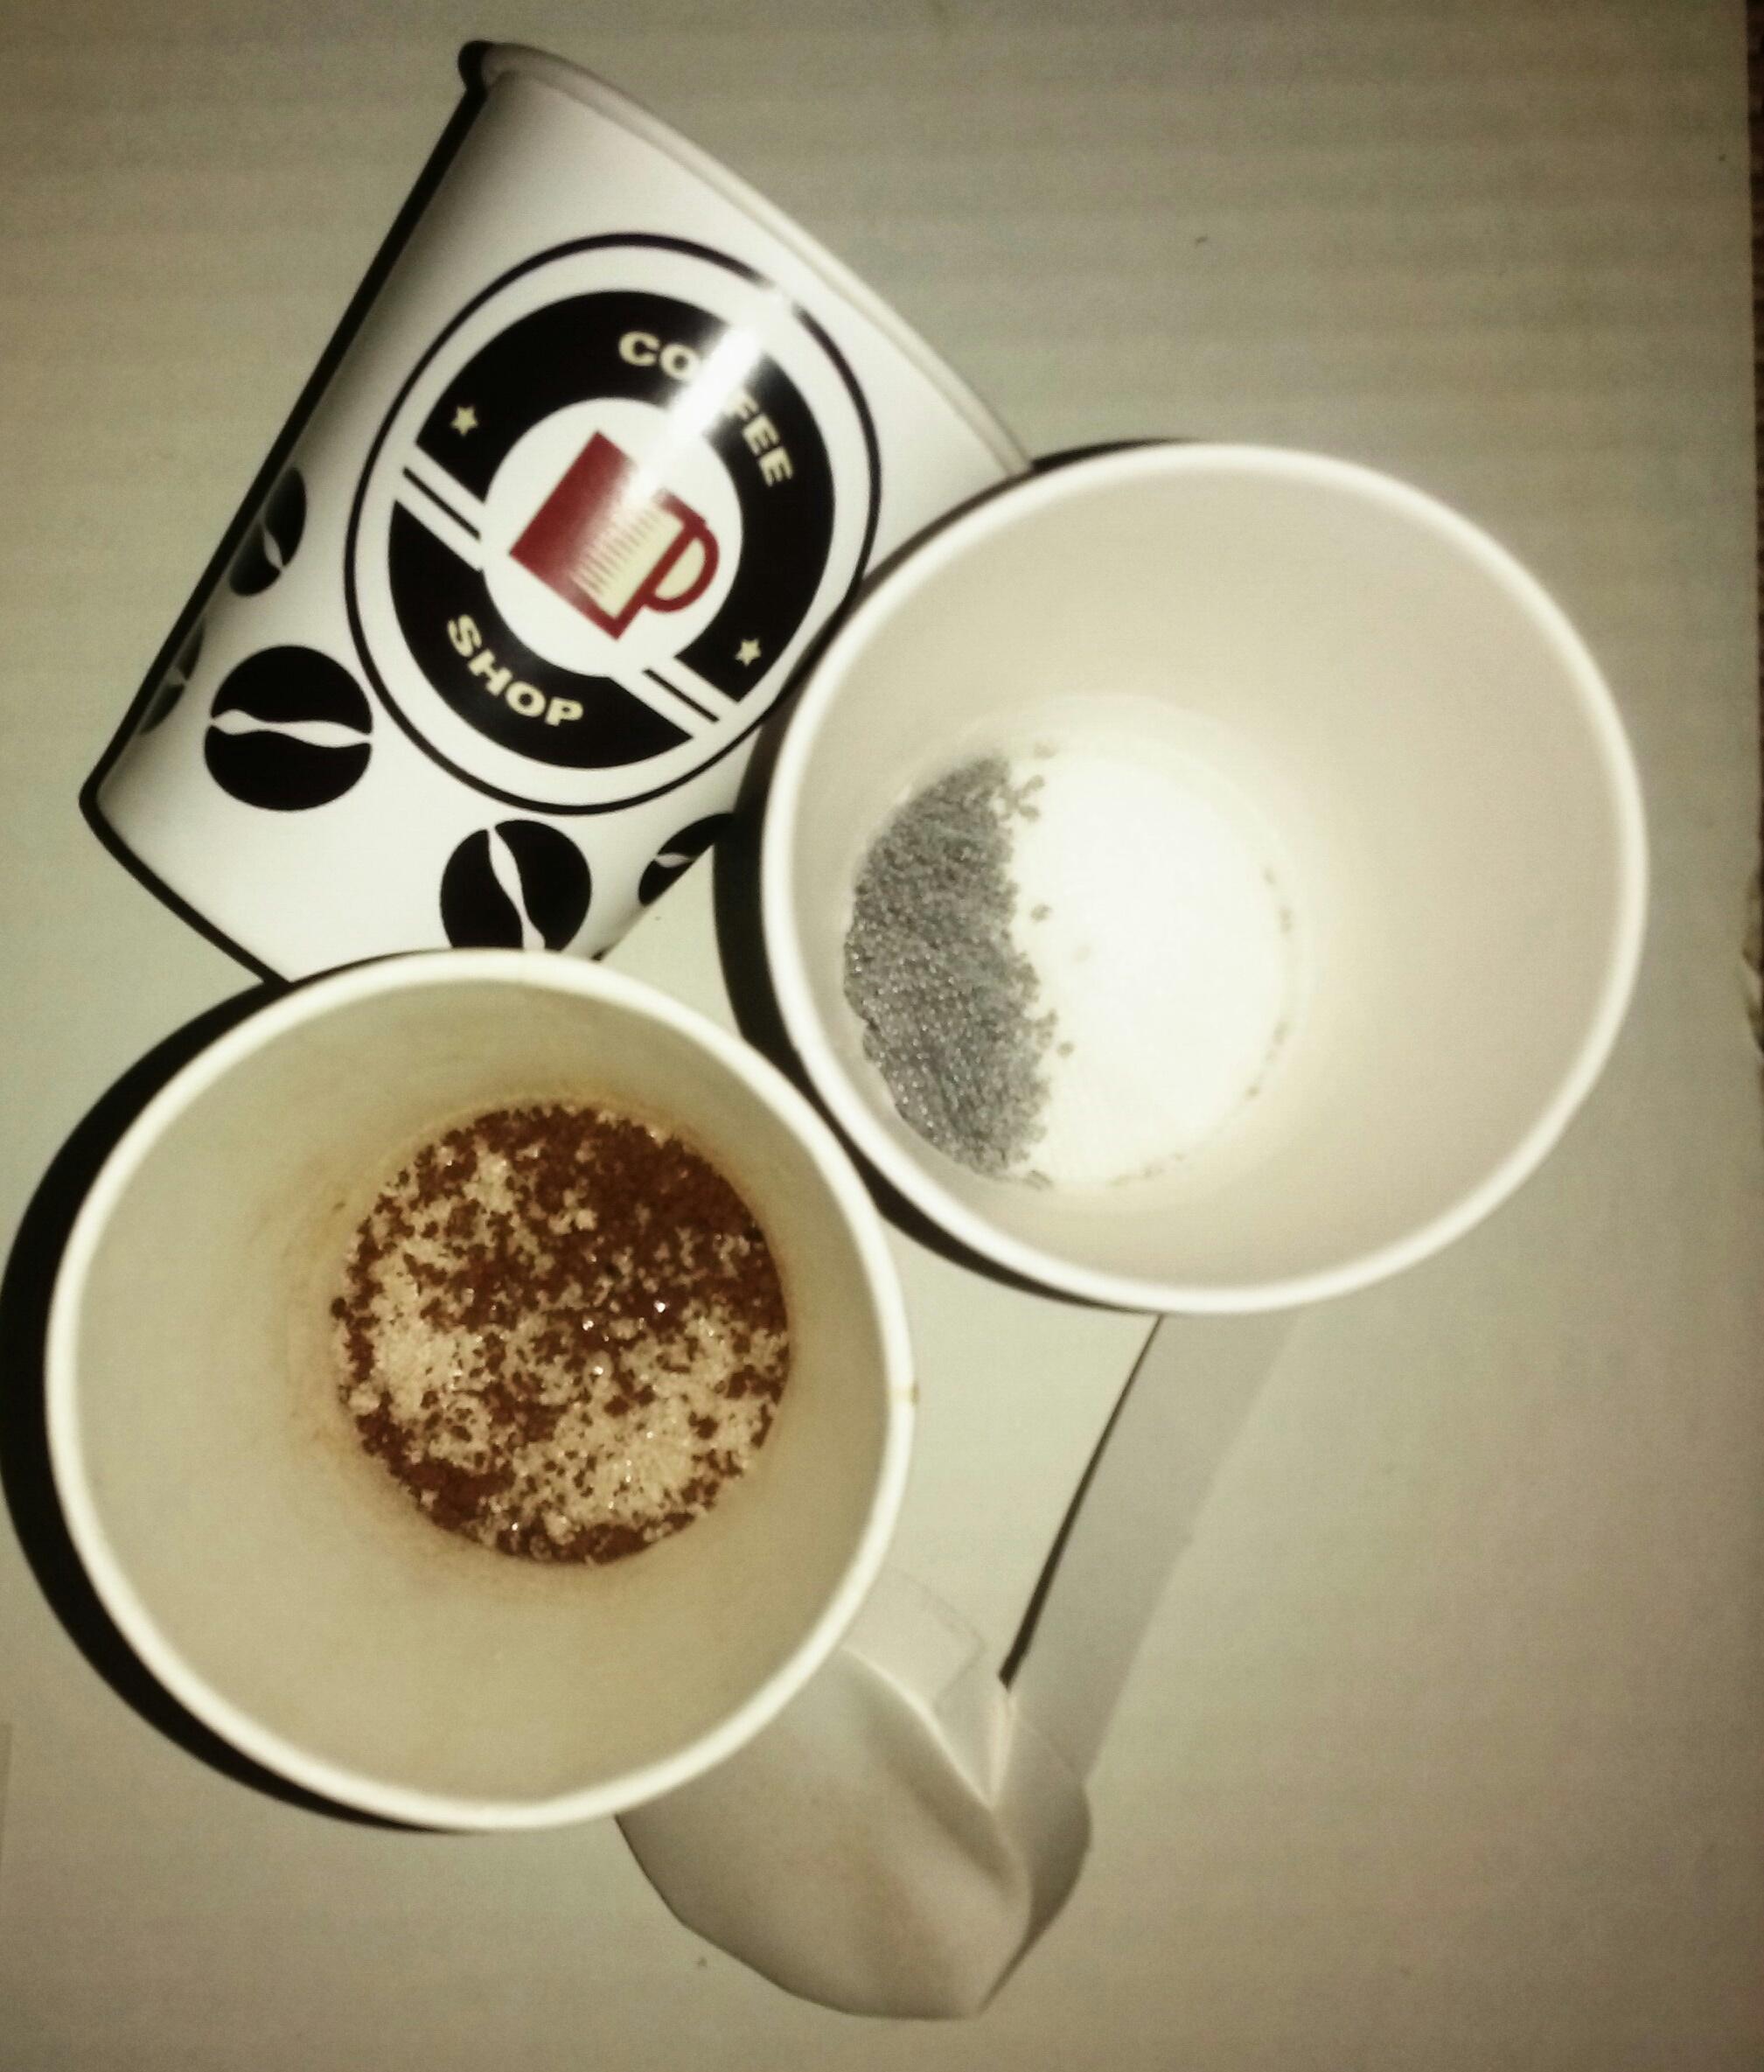 دمنوش های درمانی دکتر آیهان | ليوان چاي دار - دمنوش های درمانی ...... گروه تولیدی صدف(ظروف کاغذی)لیوان چای دار و نسکافه دار مخصوص صدف ...